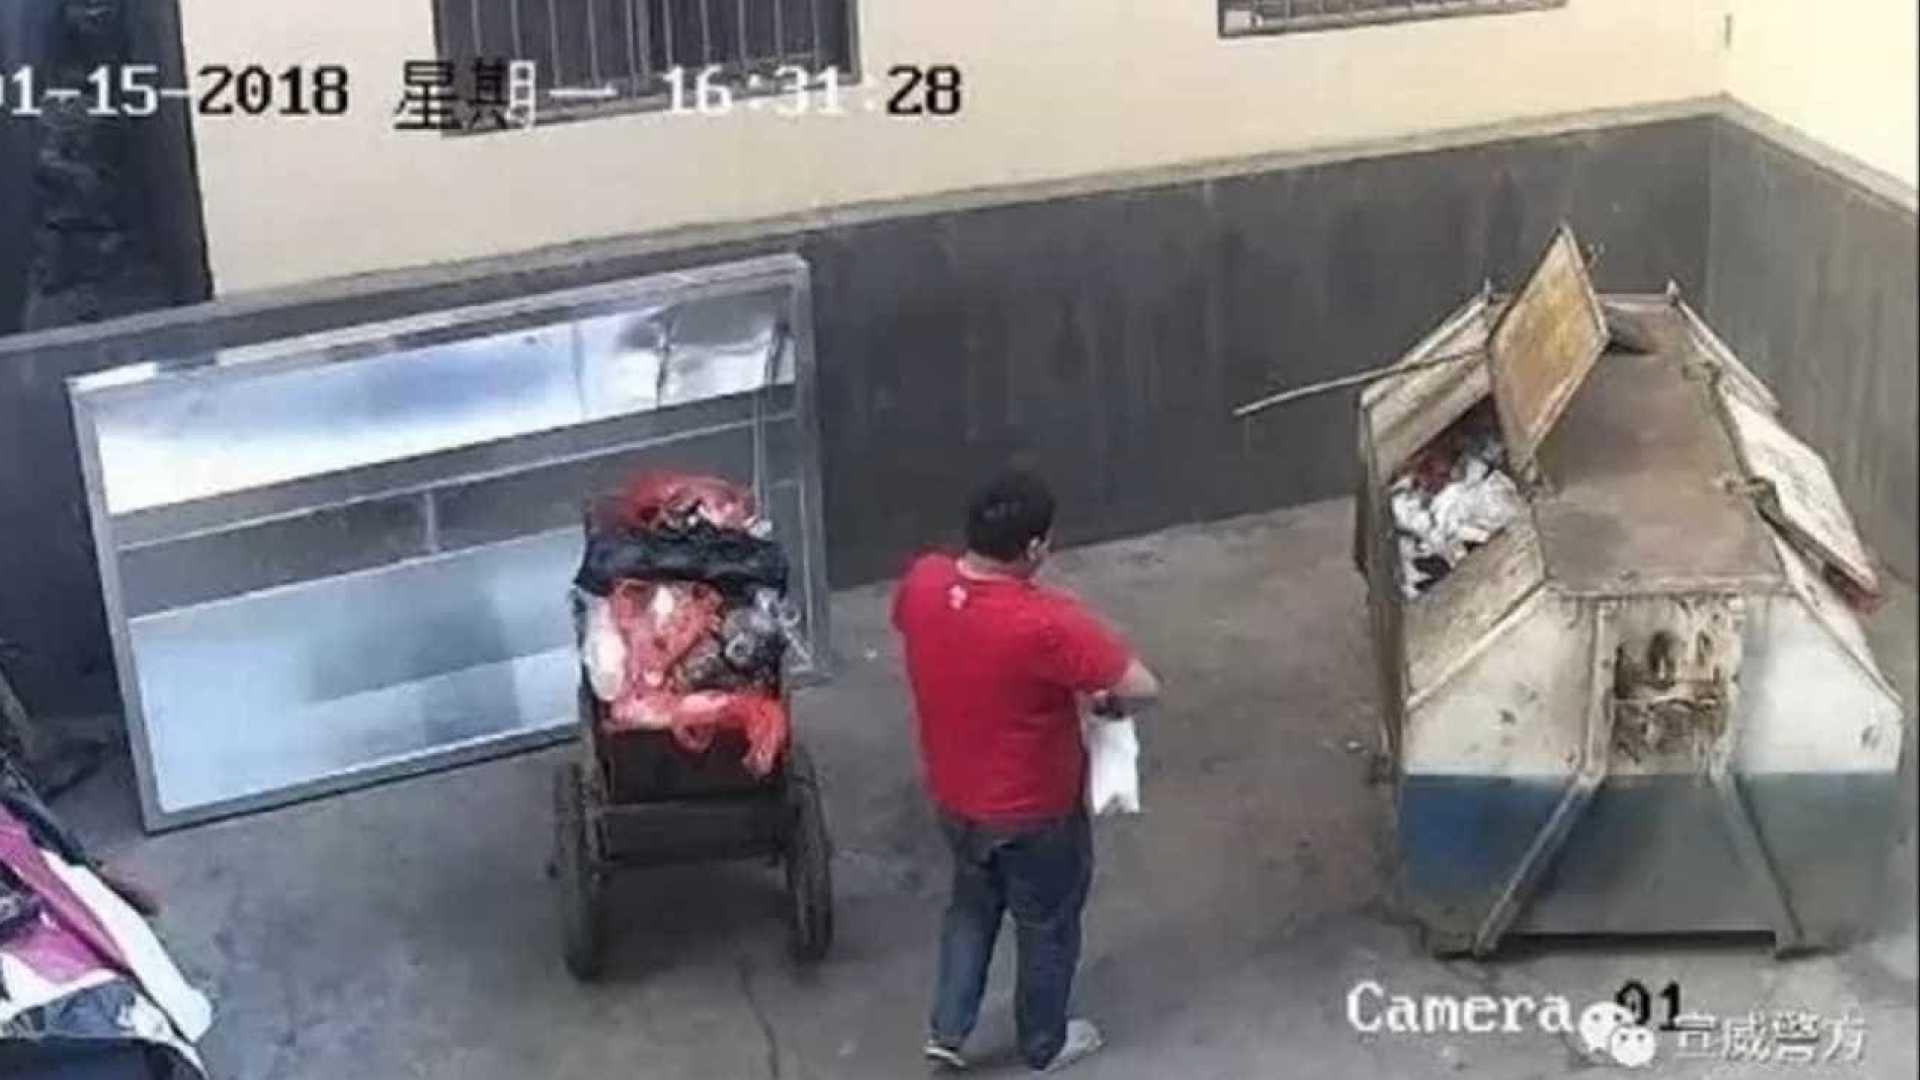 pai atira filha recém-nascida para o lixo. pensou que estava doente - naom 5a66170aaa724 - Pai atira filha recém-nascida para o lixo. Pensou que estava doente